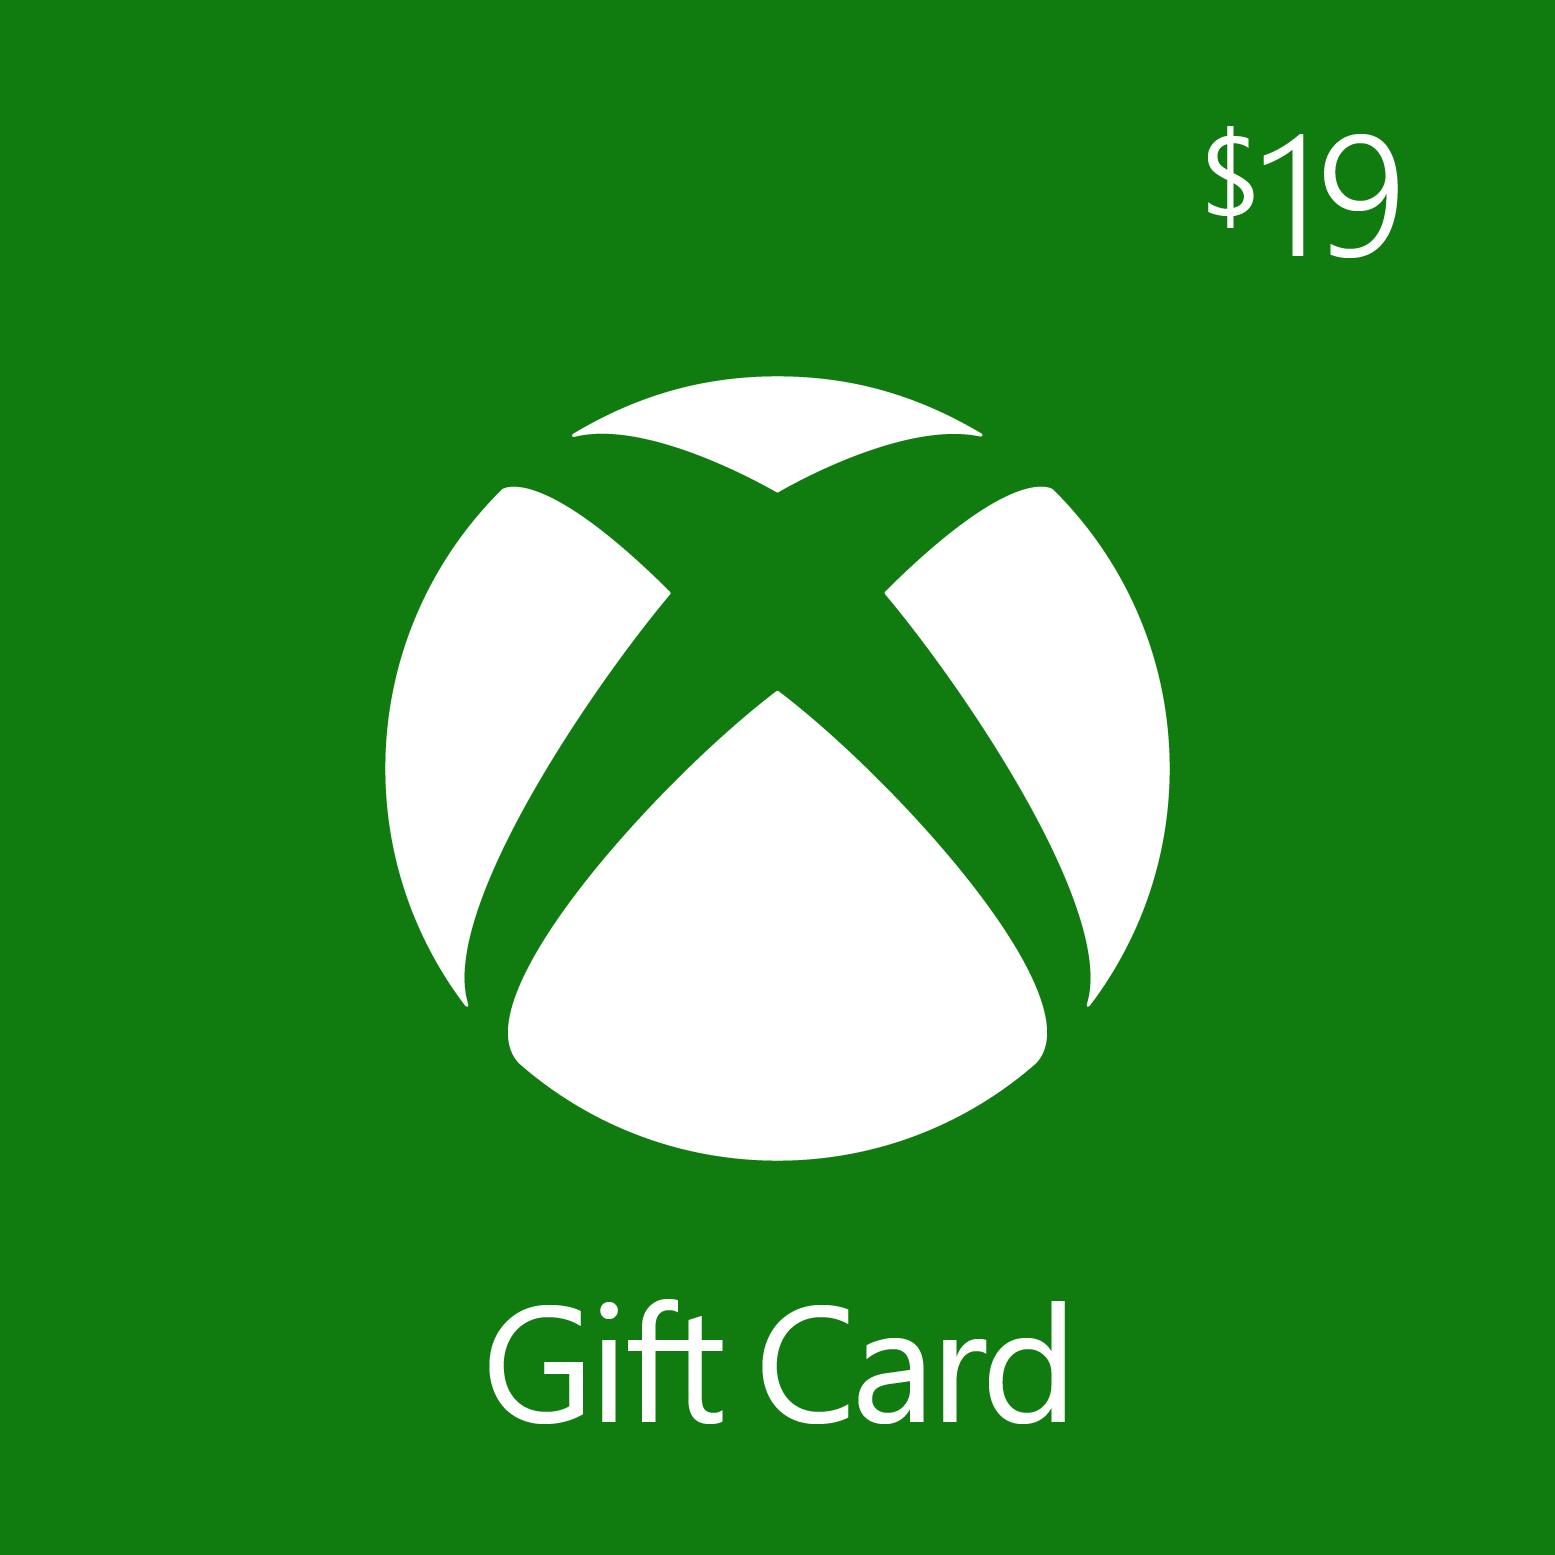 $19.00 Xbox Digital Gift Card